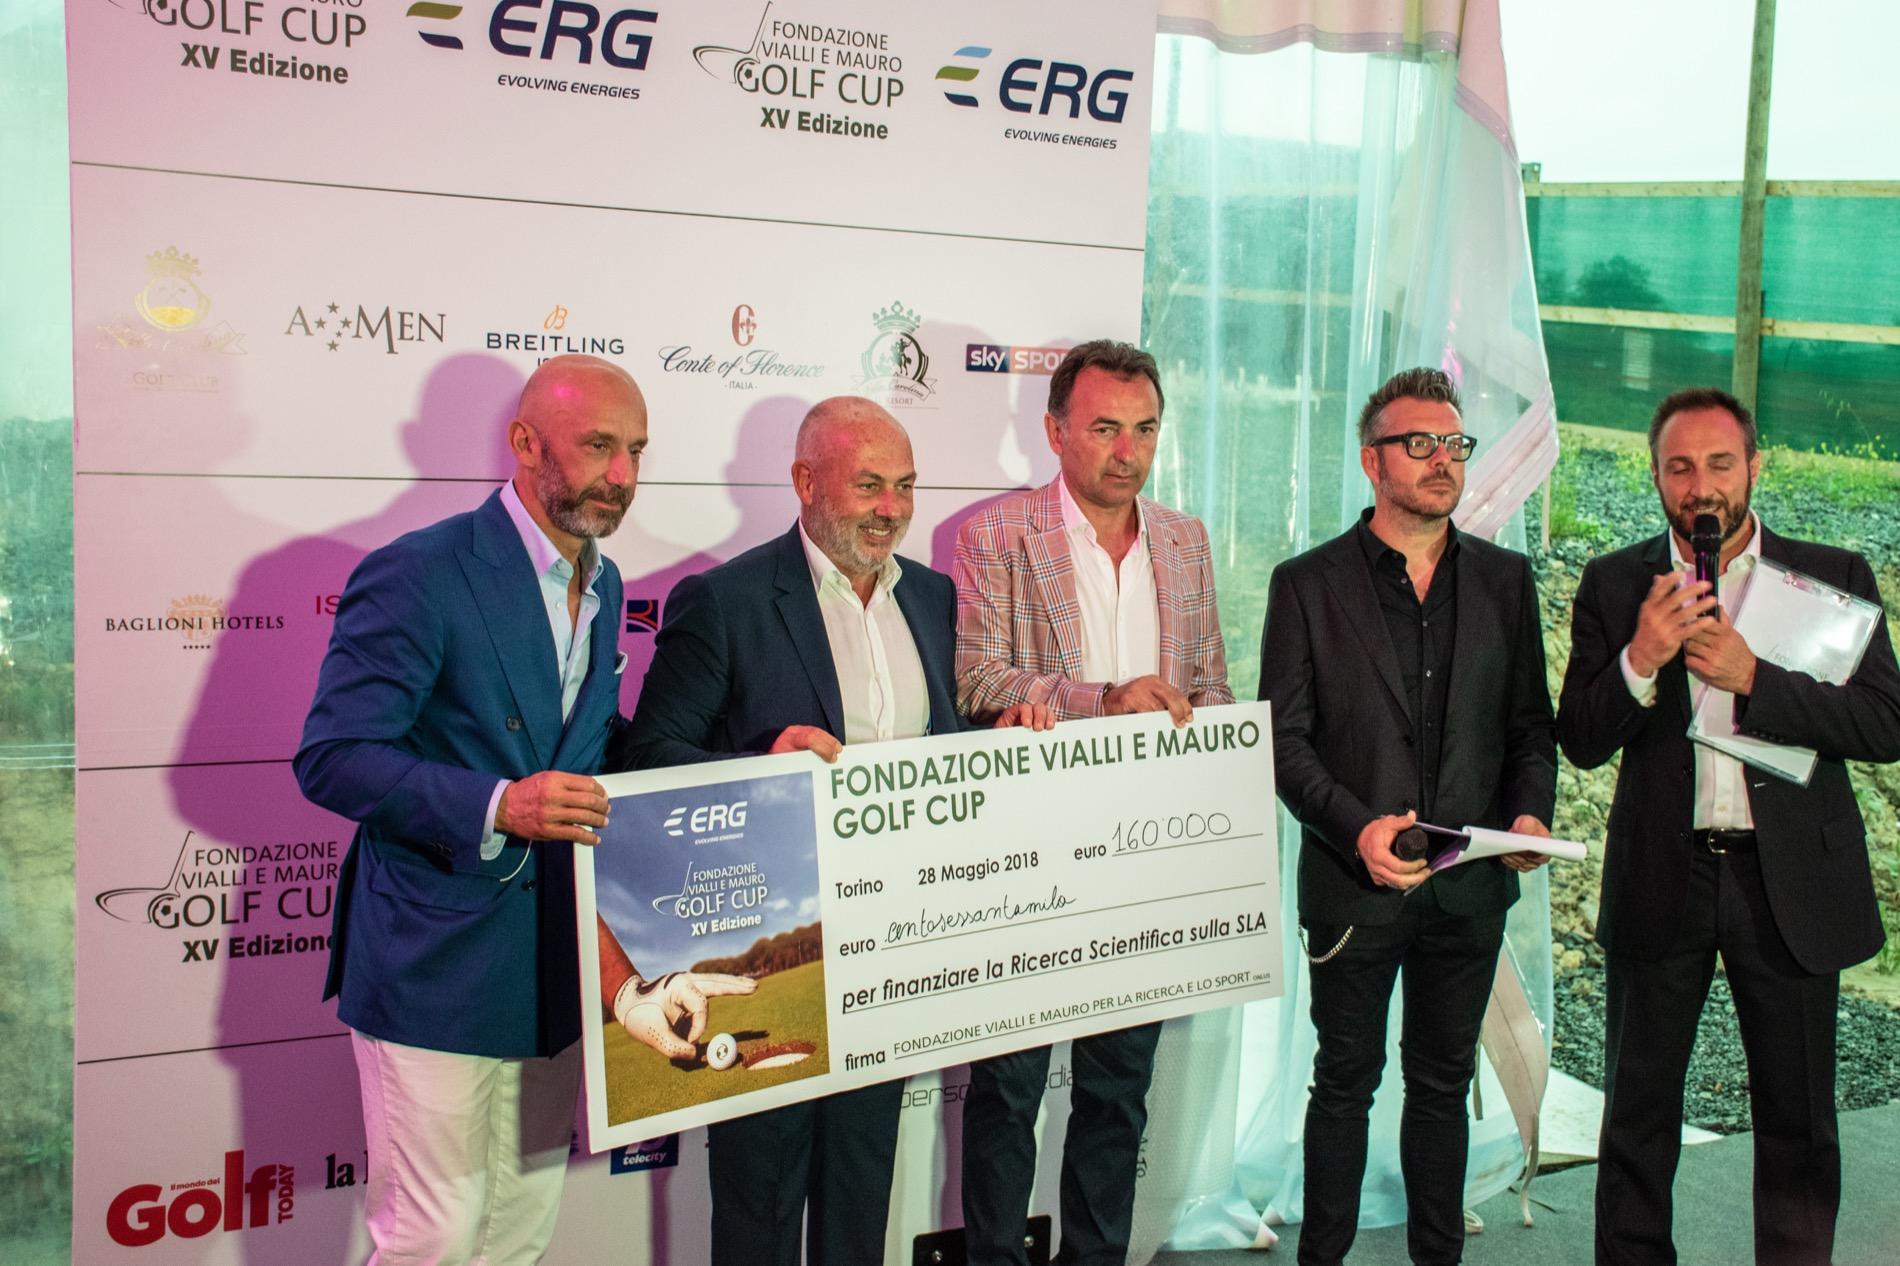 Golf Cup – Fondazione Vialli e Mauro